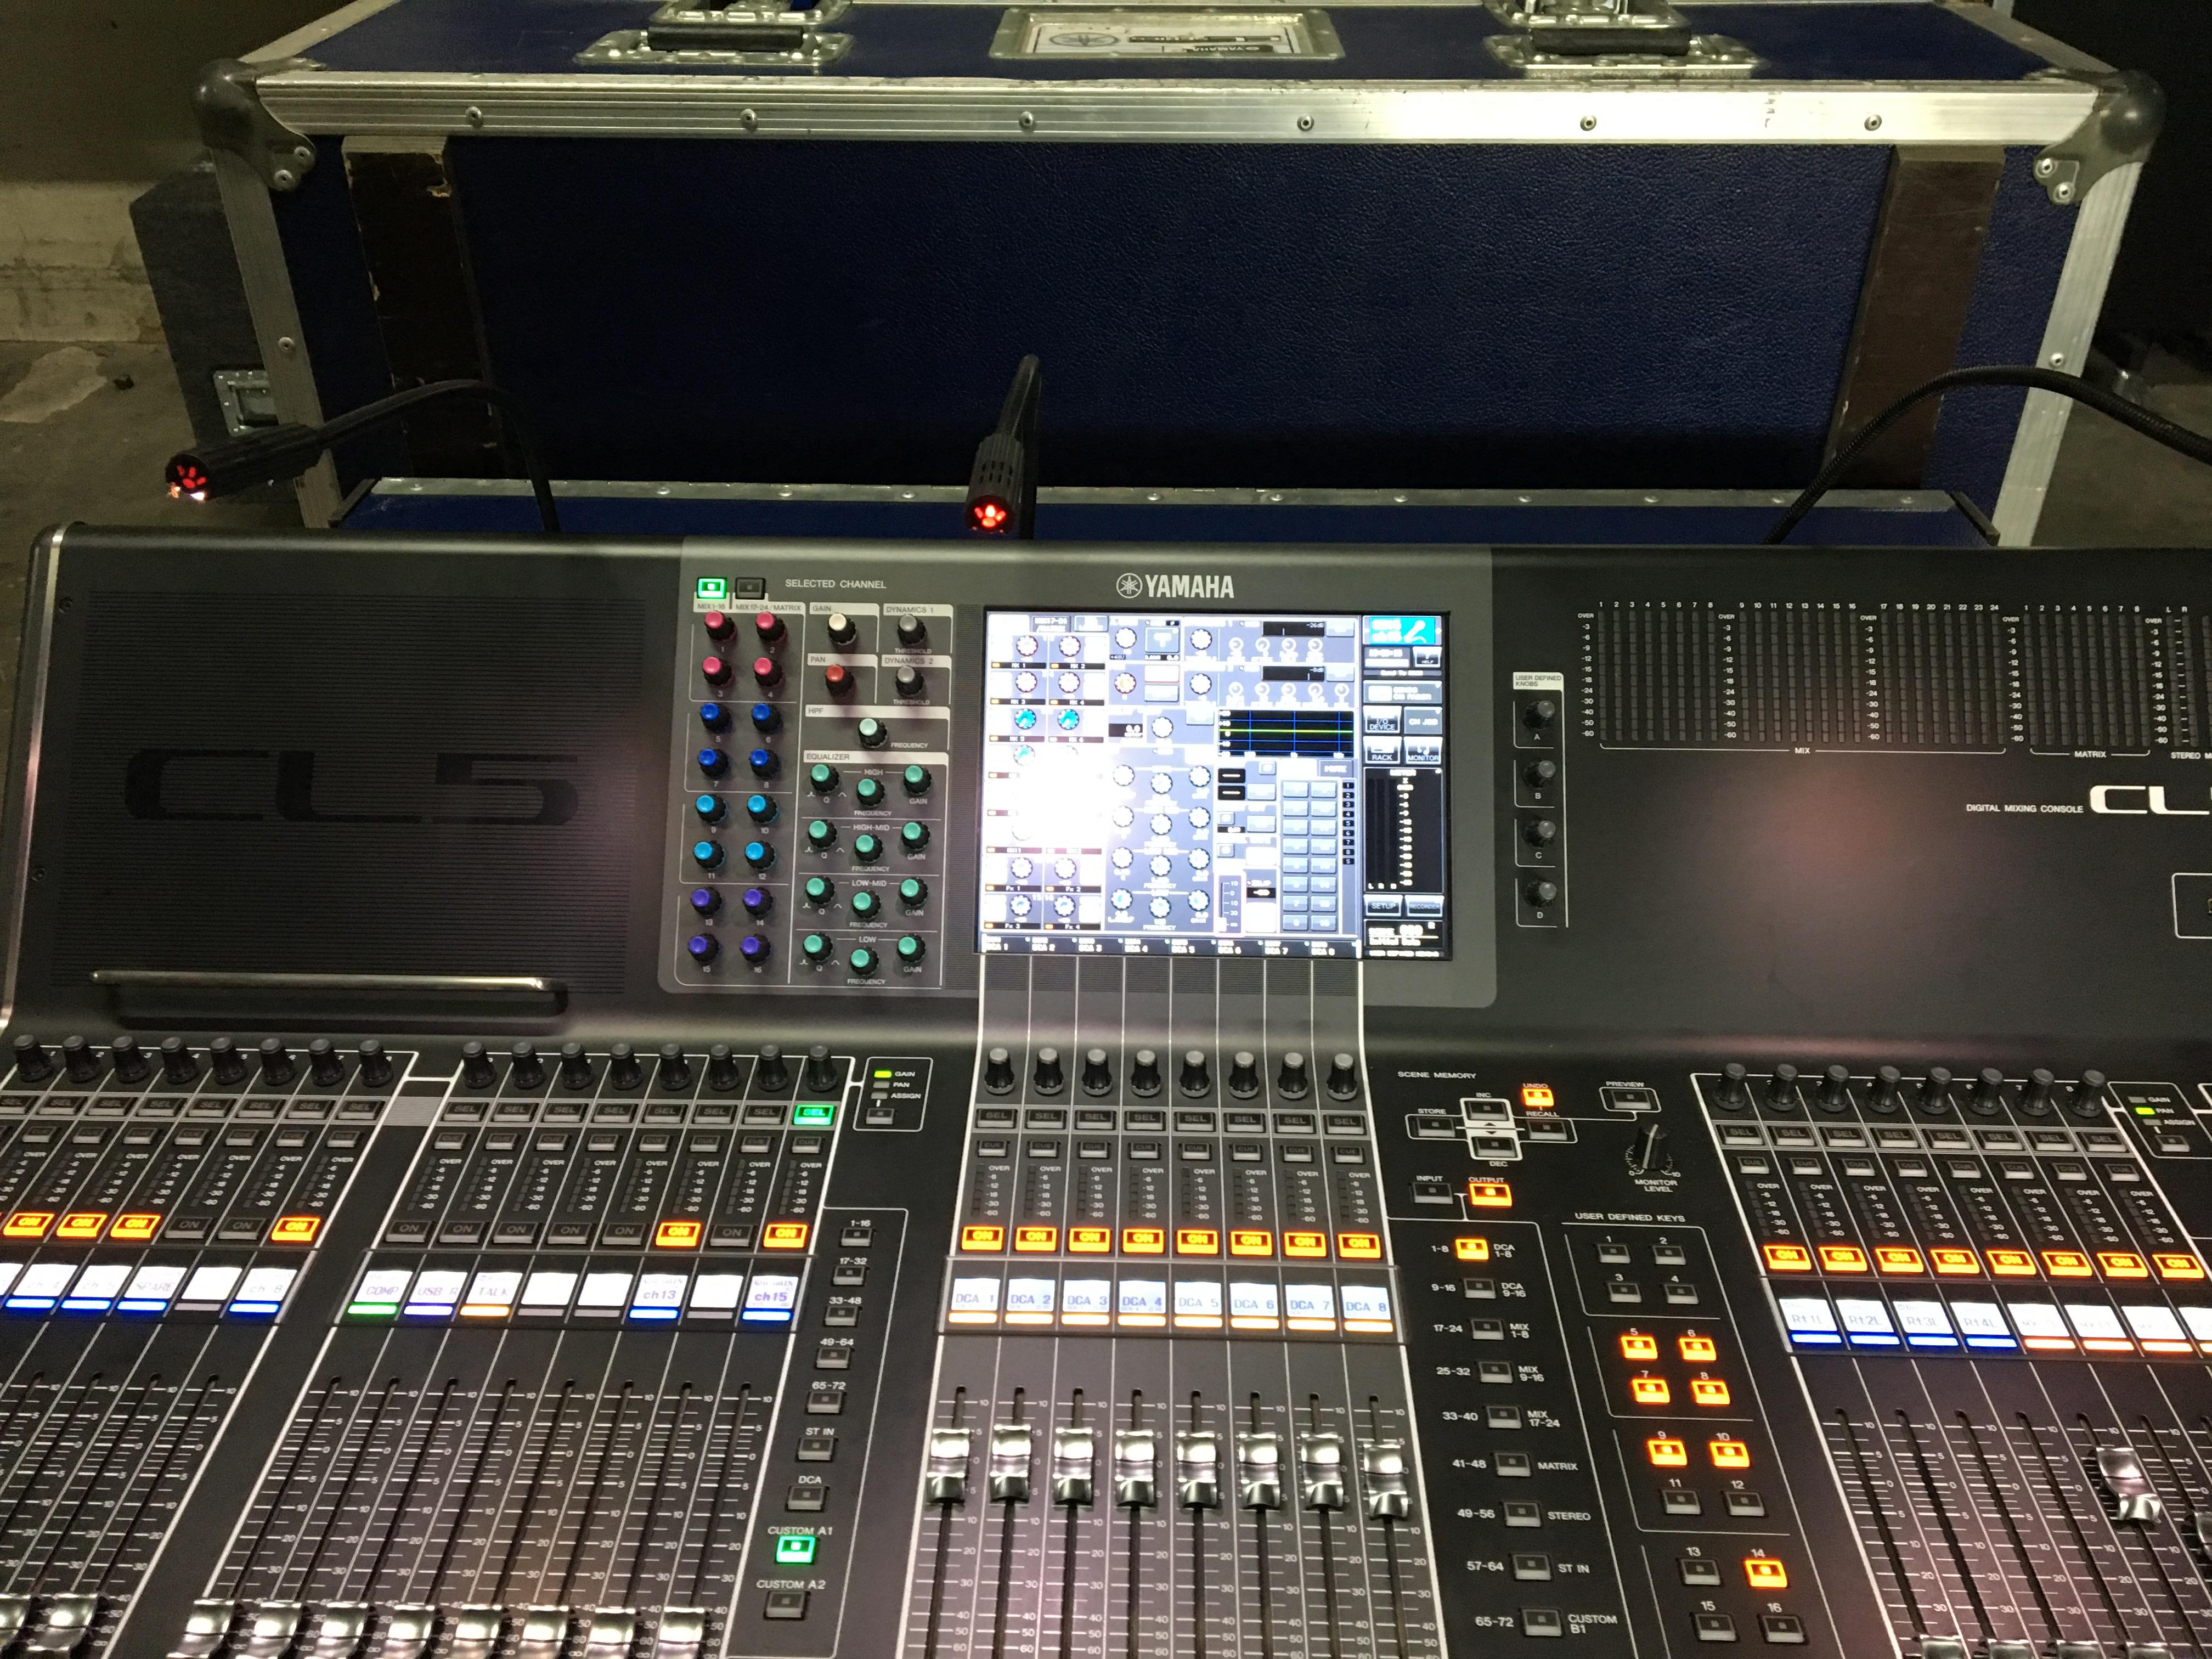 Yamaha cl5 image 1589656 audiofanzine for Yamaha cl mixer